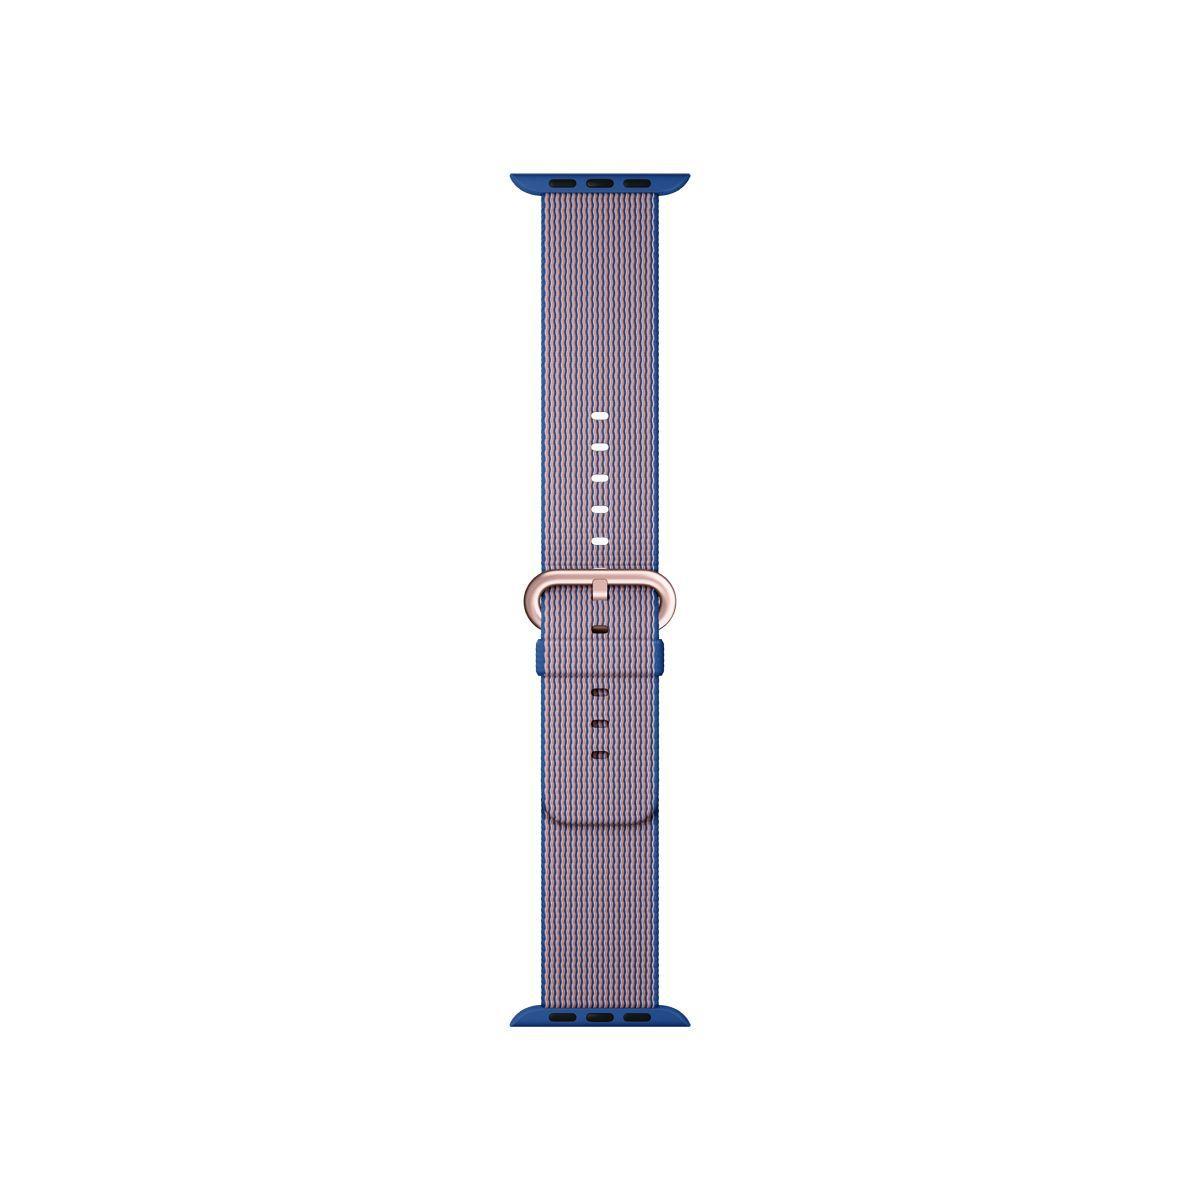 Bracelet apple watch nylon tissé bleu roi 38mm - soldes et bons plans